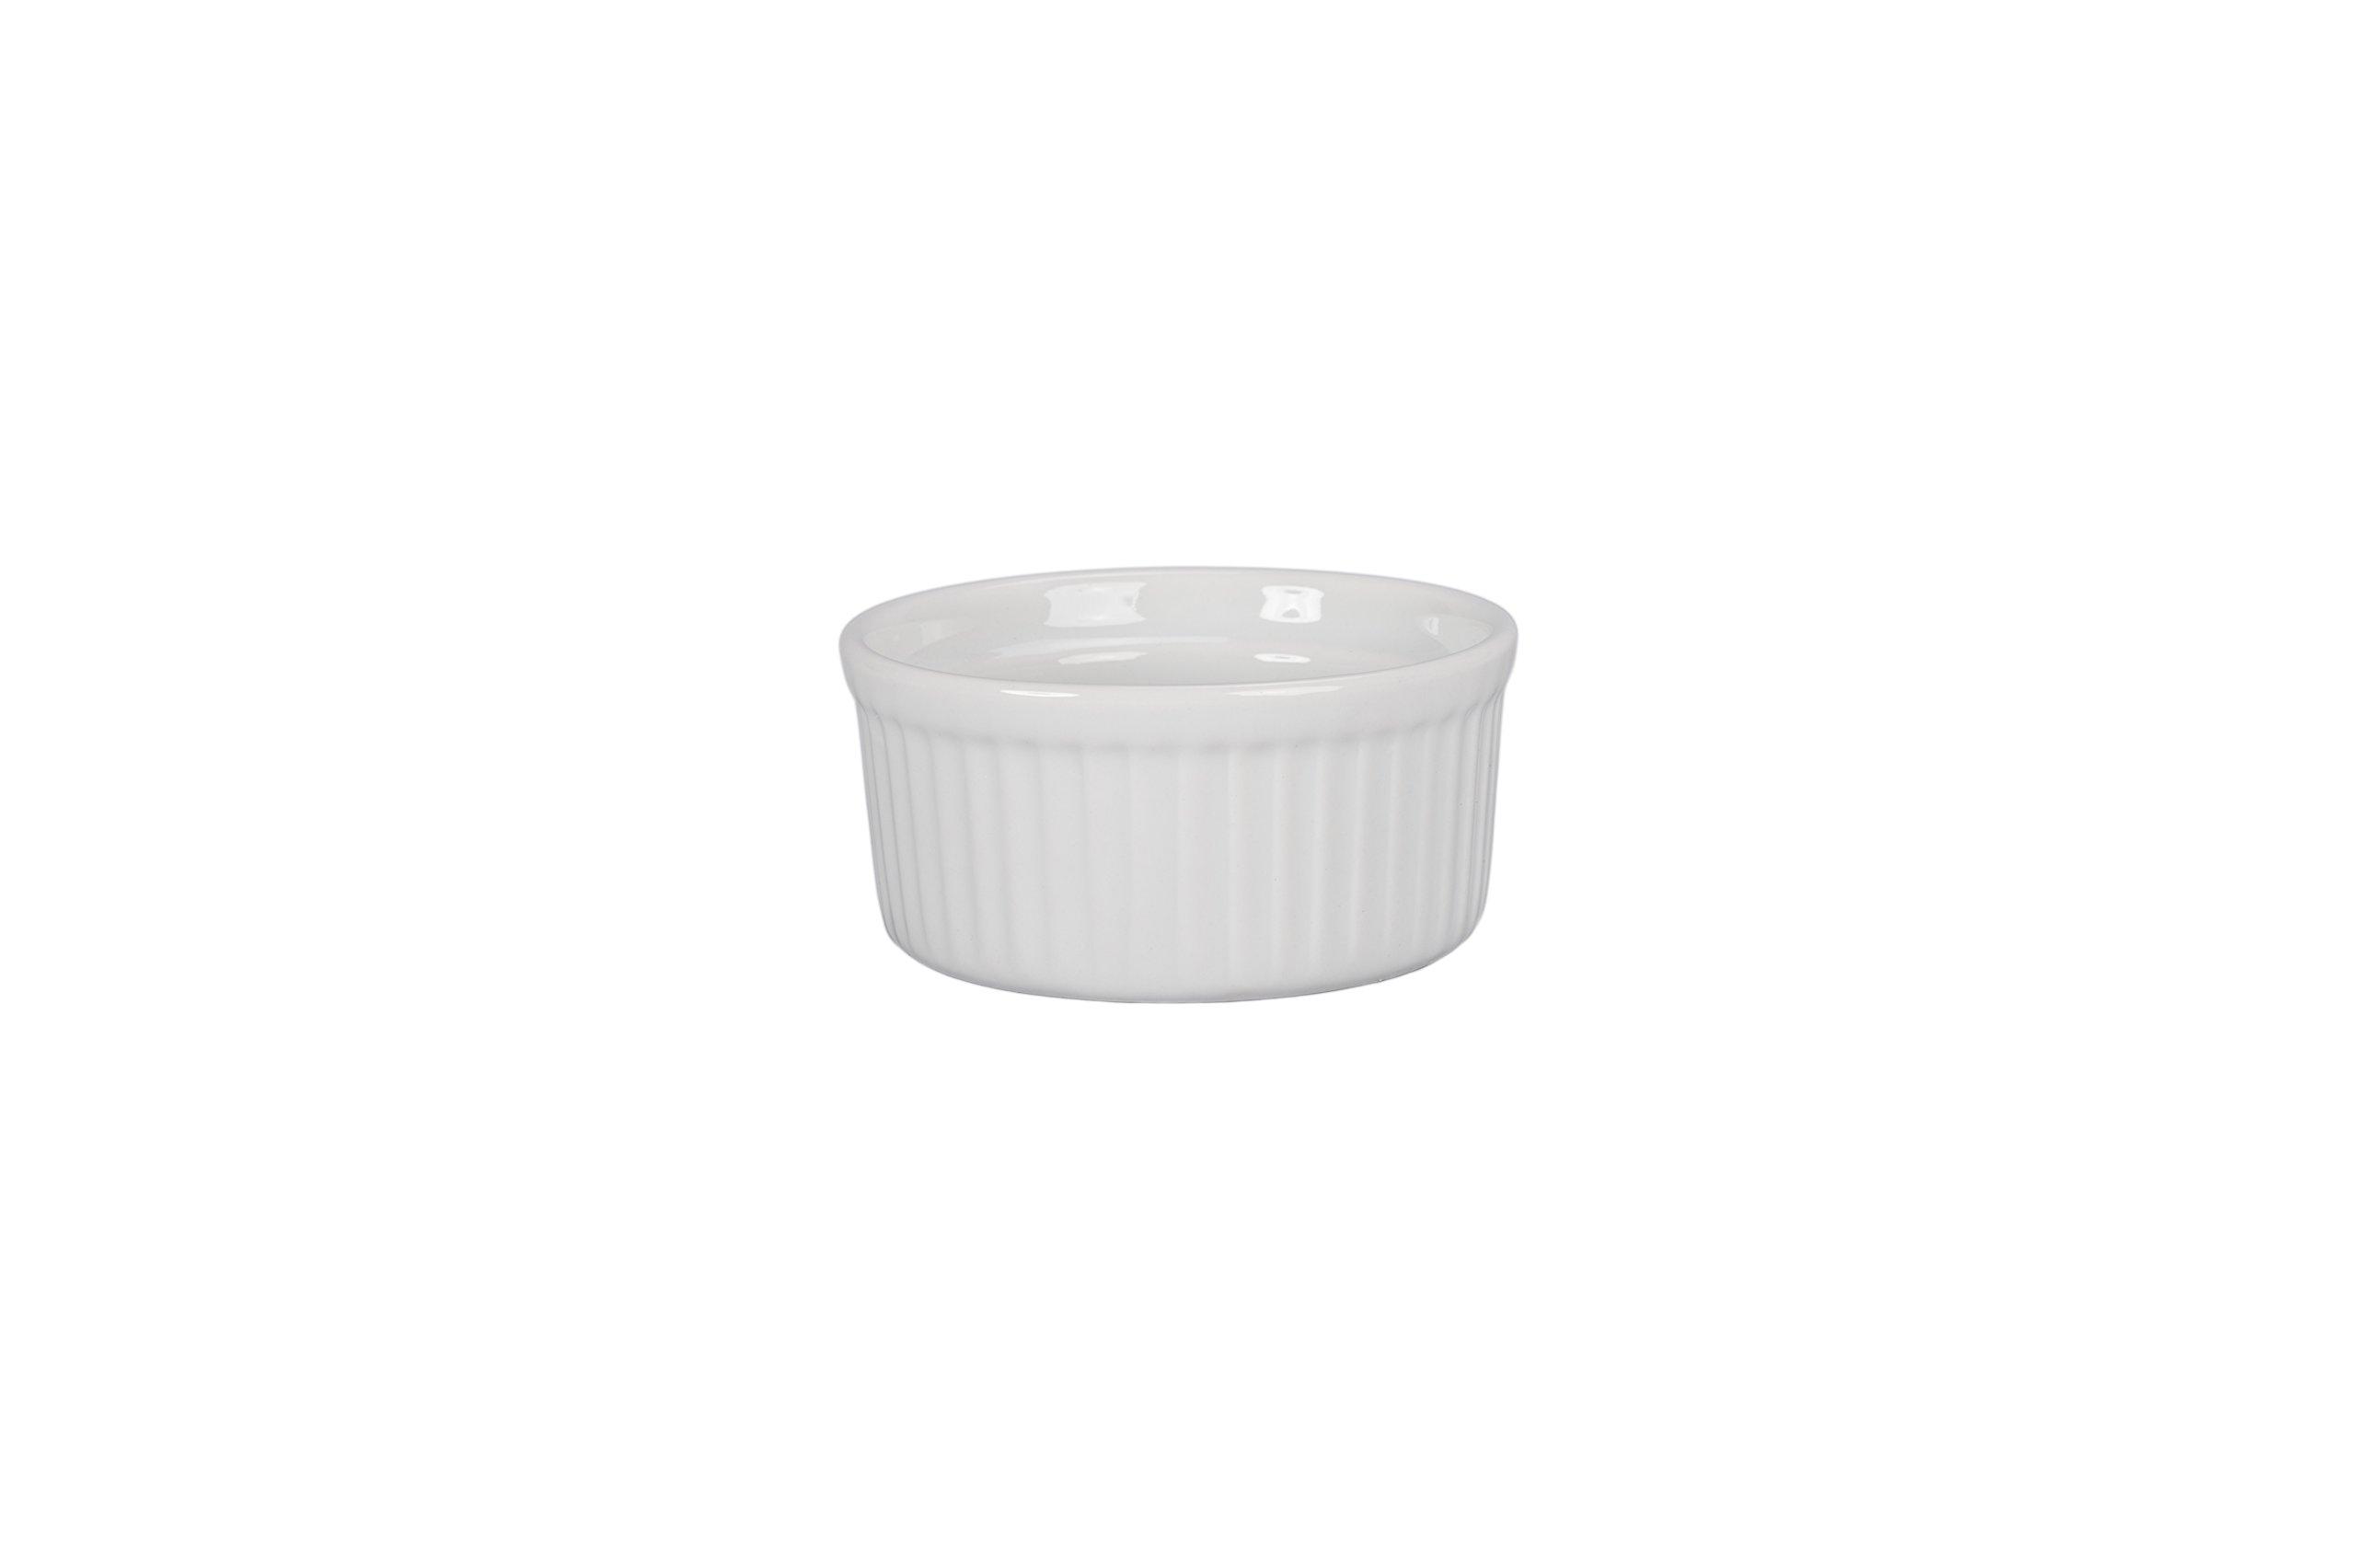 BIA Cordon Bleu Classic 4.5-Ounce Ramekin Dish, Set of 4, White